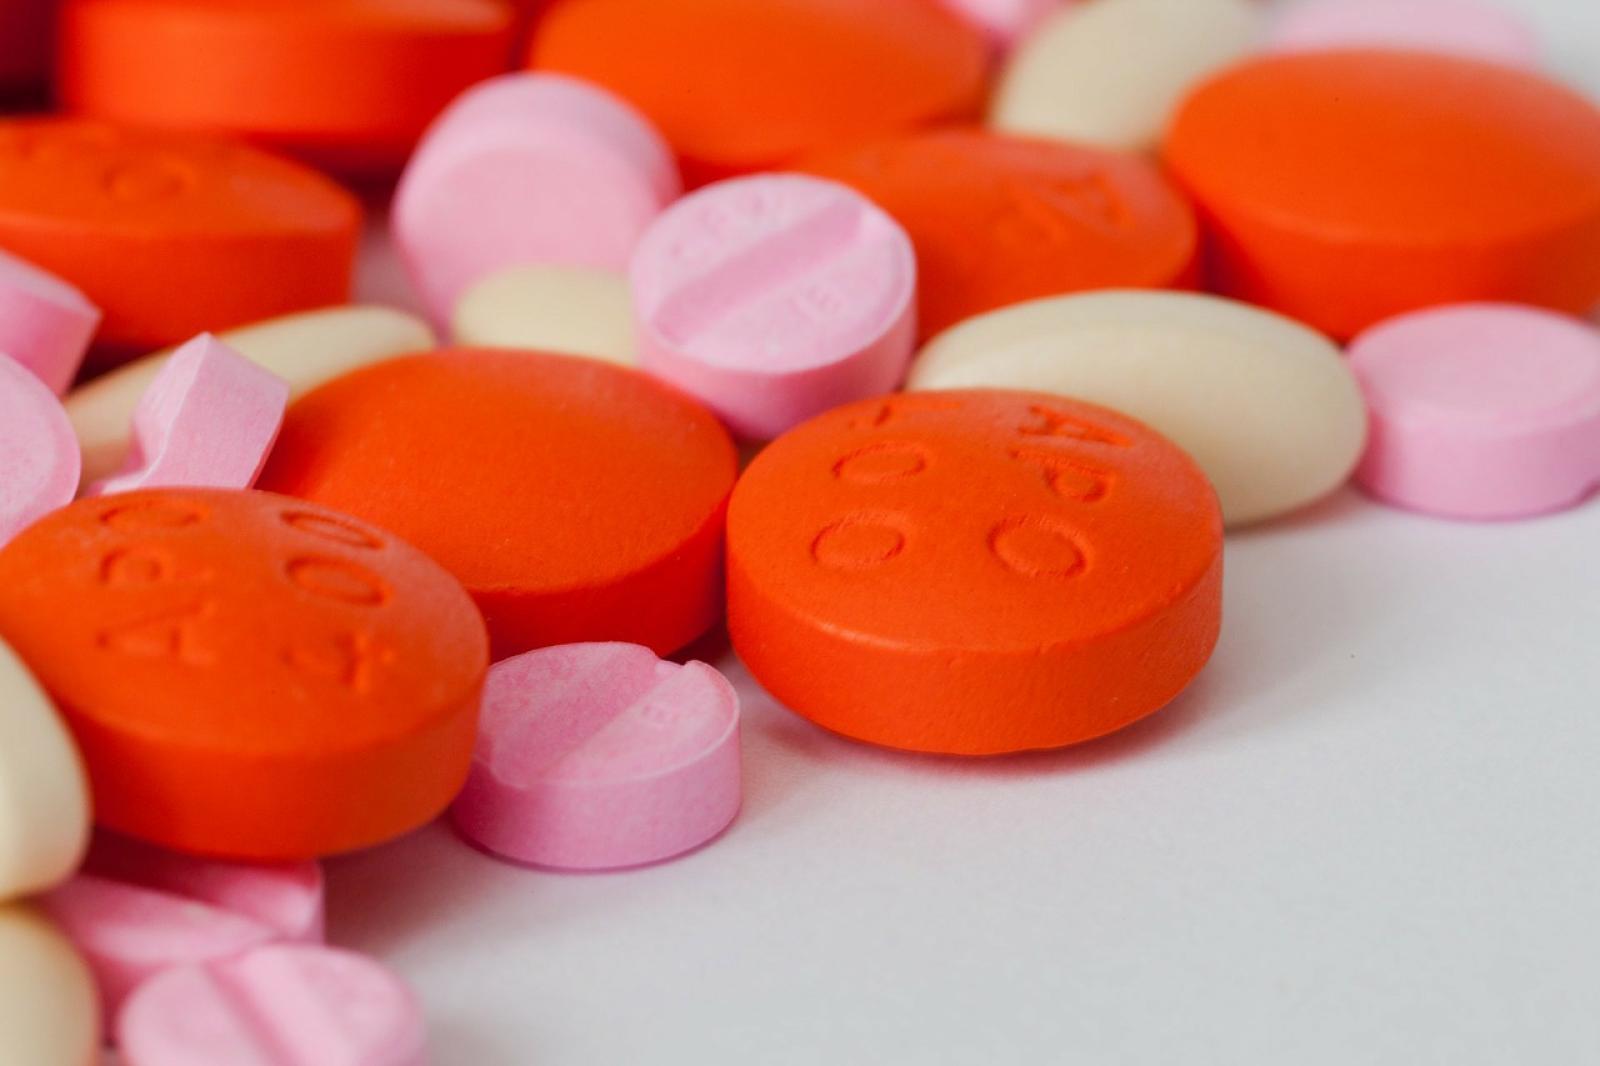 nome farmaco iniettabile contro tumore alla prostata 2003 online